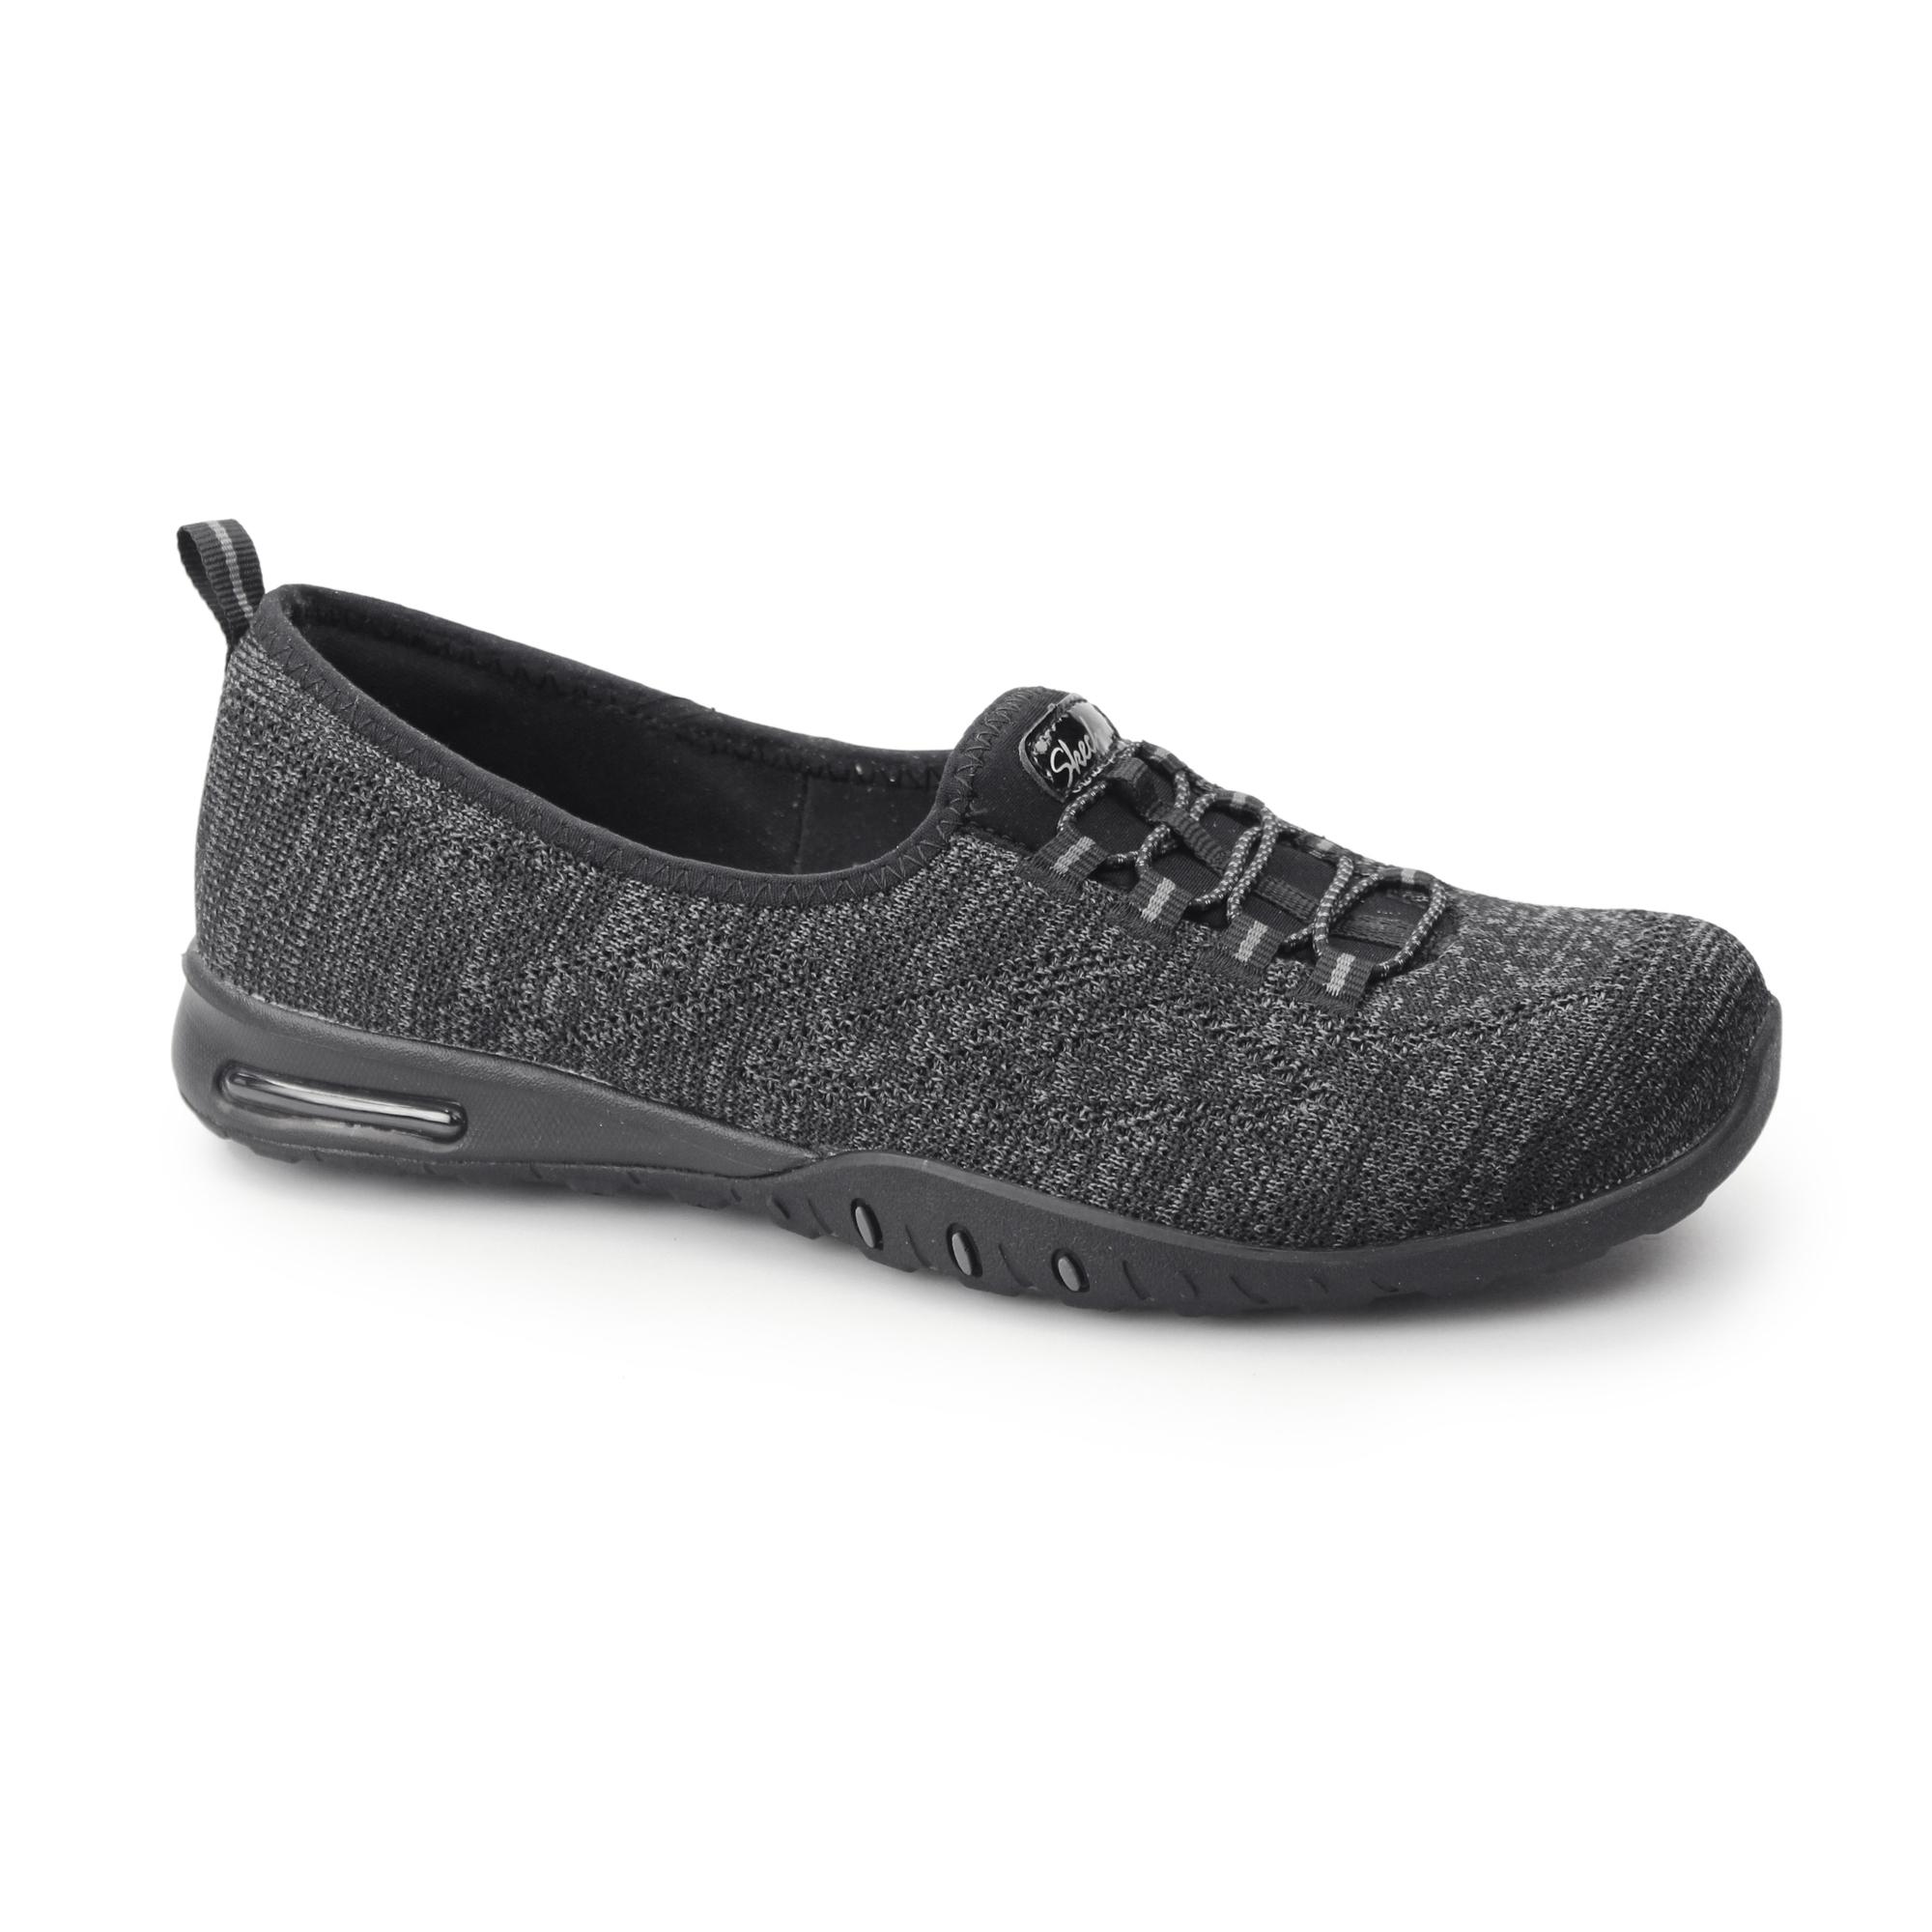 skechers slip on ladies shoes